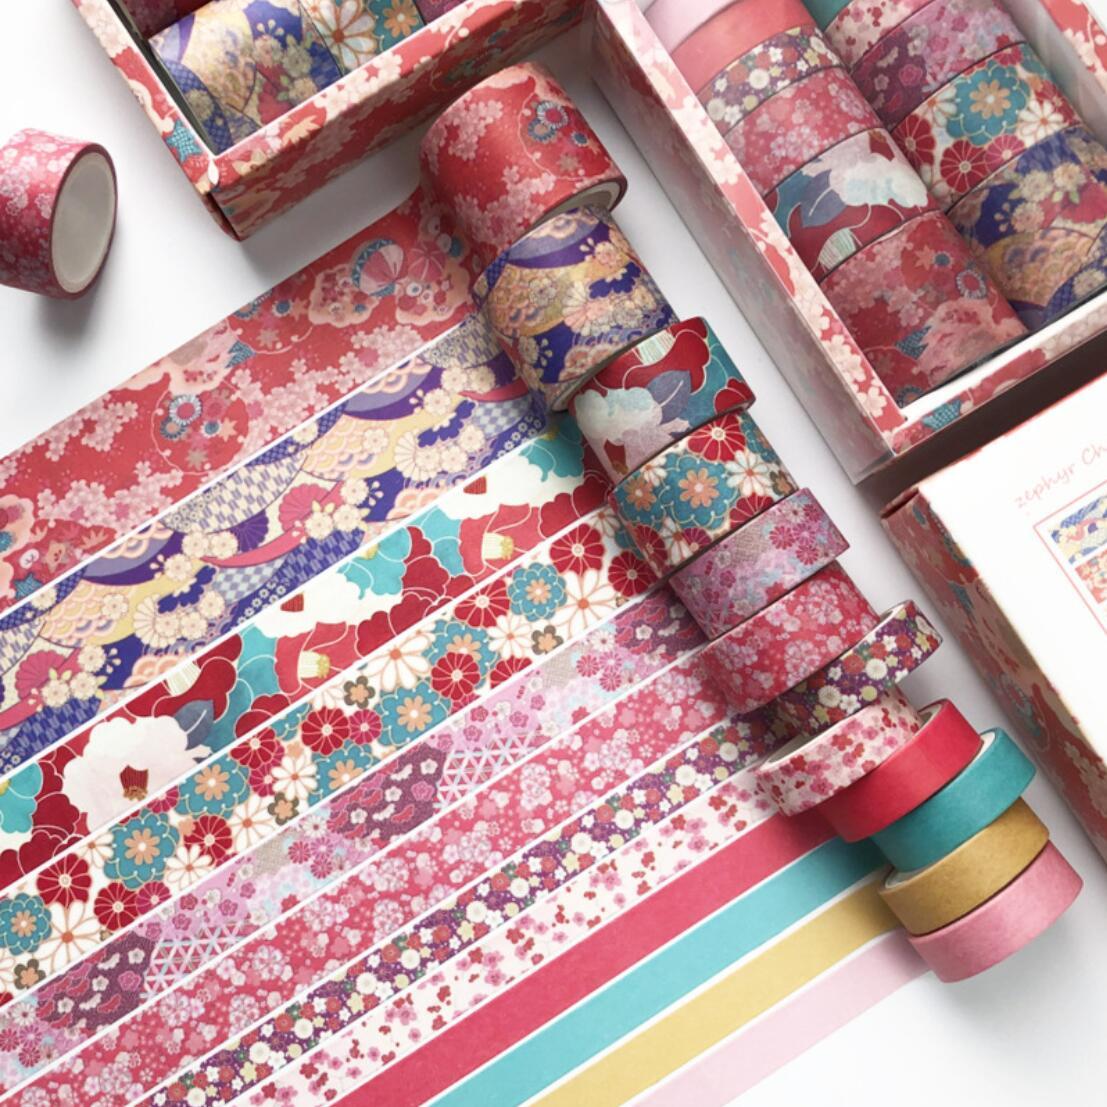 12 Pcs/set Vintage Blossom Pink Washi Tape Set Scrapbooking DIY Bullet Journal Stationery Masking Tape School Office